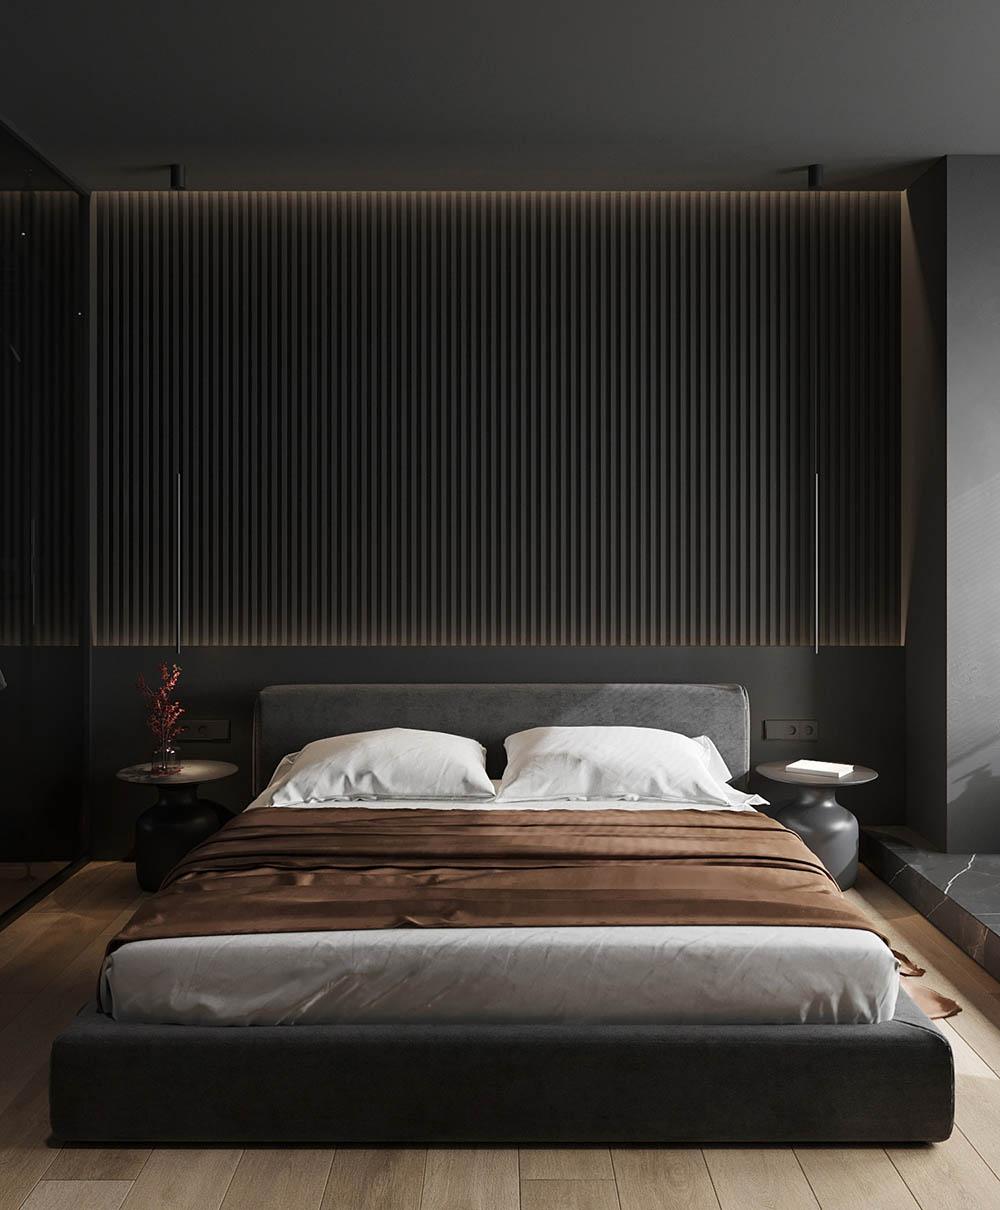 Sự đơn giản trong cách bài trí nội thất giúp không gian nghỉ ngơi dễ chịu hơn